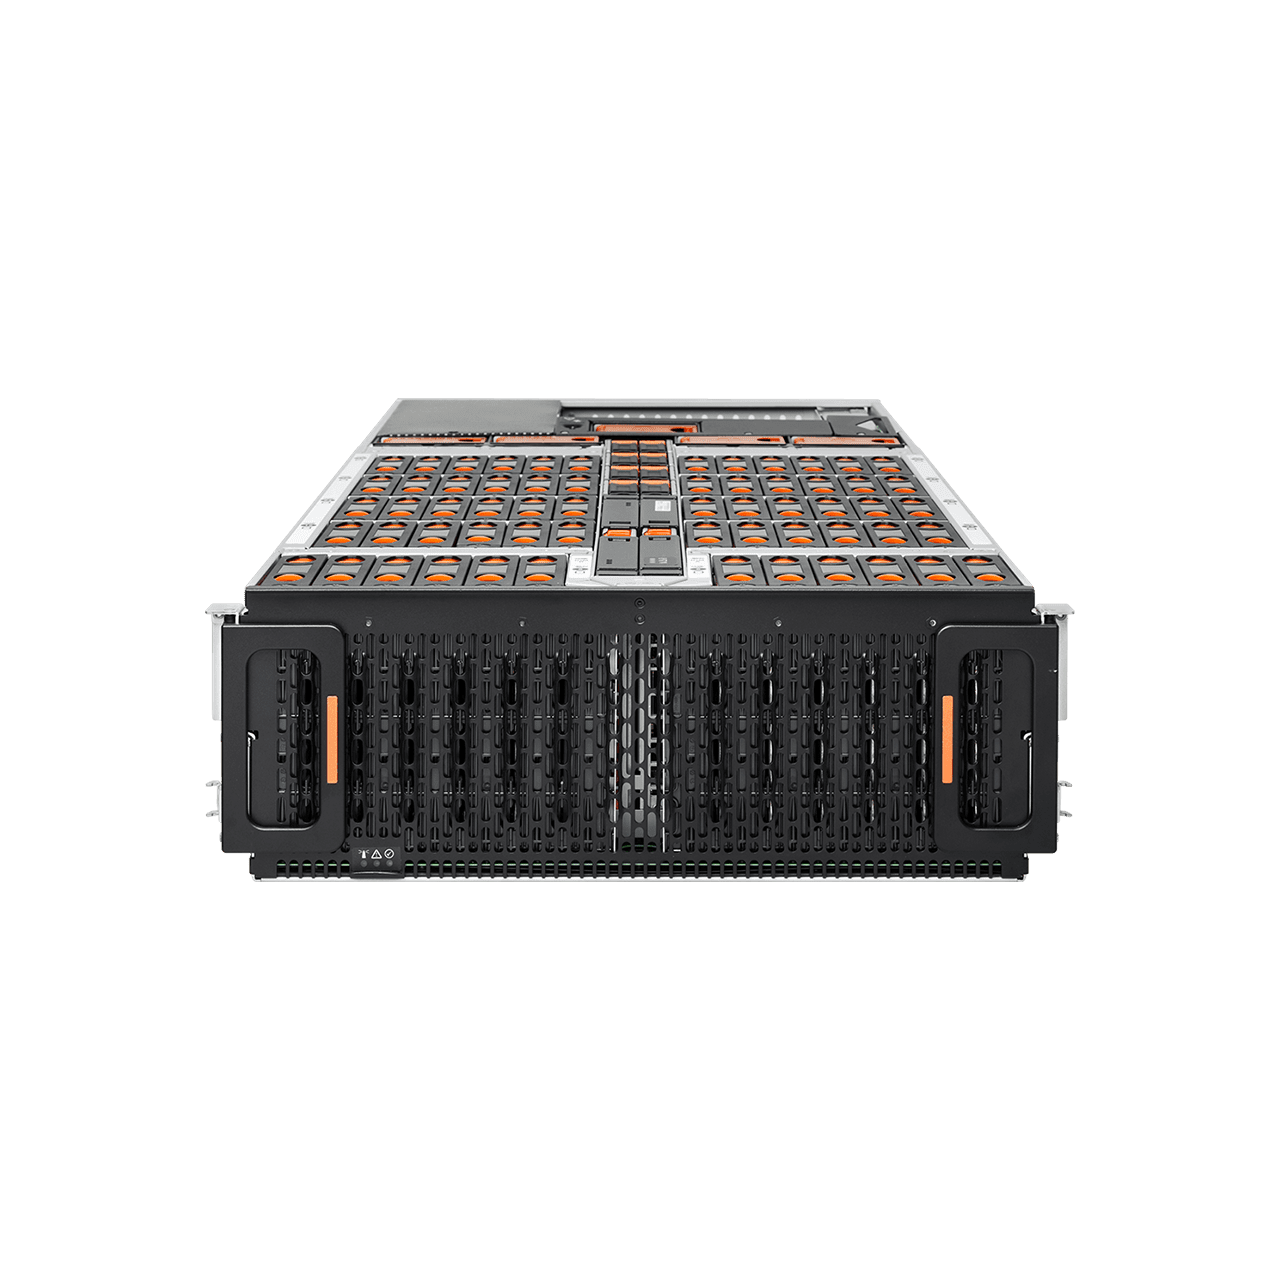 Ultrastar Serv60+8 Hybrid Storage Server